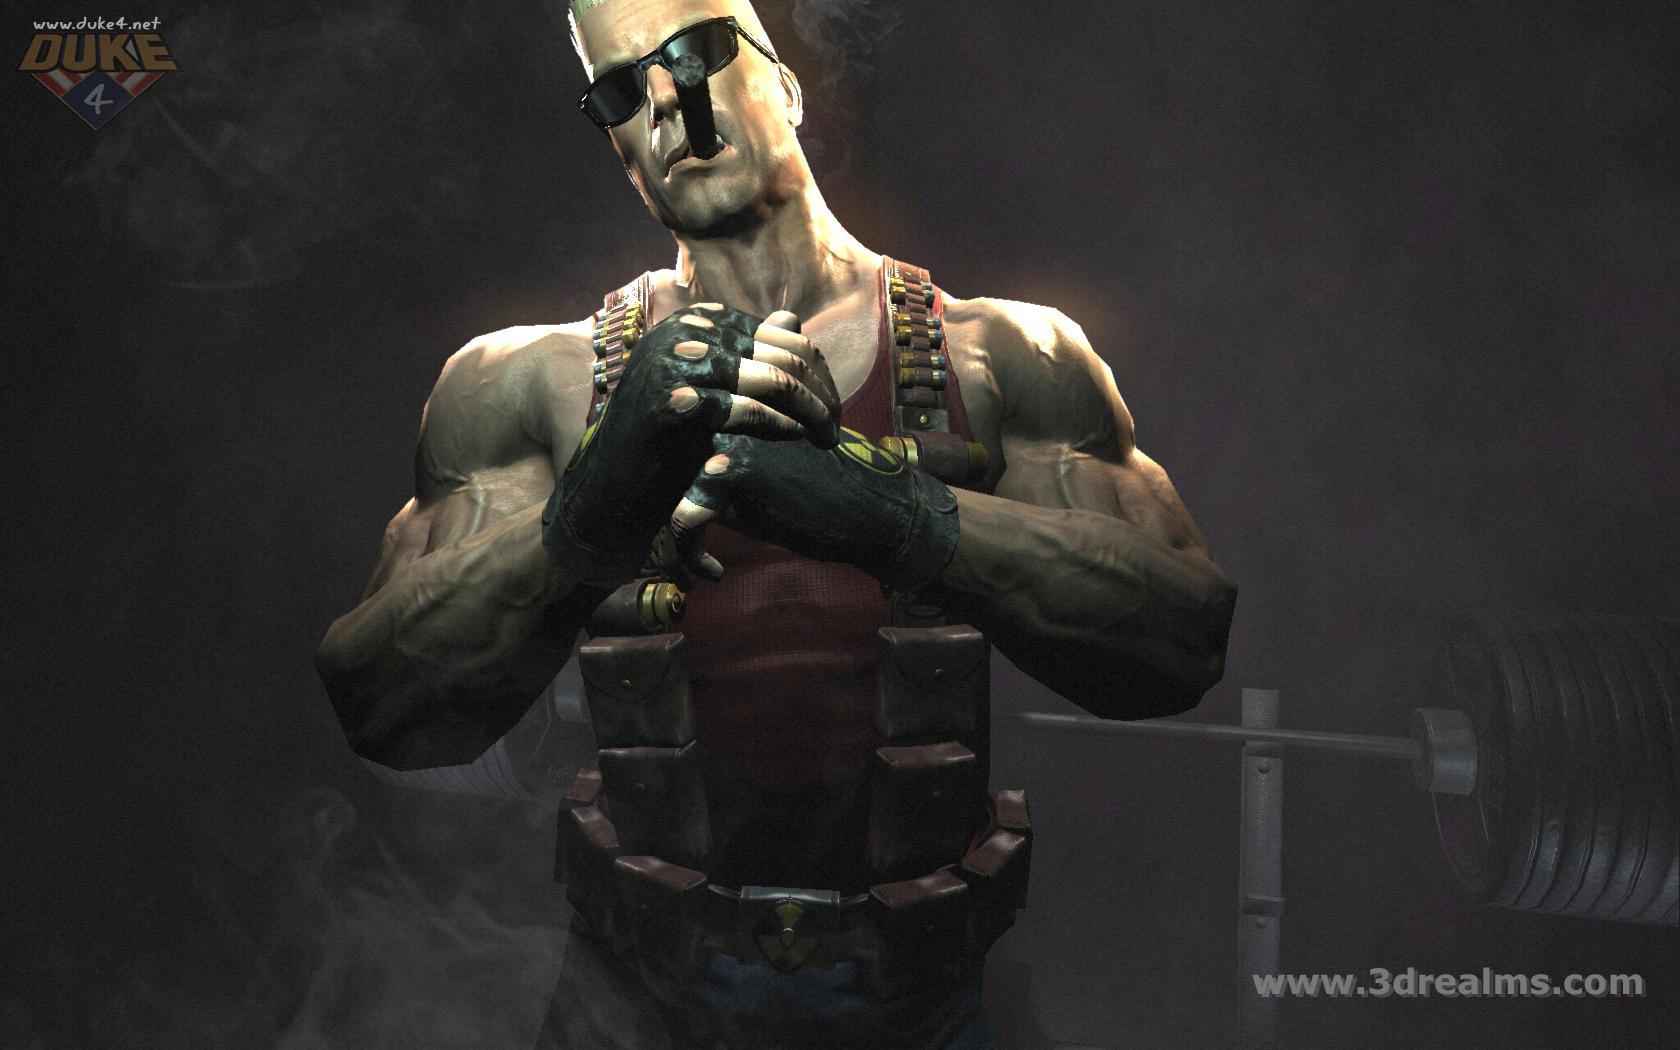 1Download Duke Nukem Forever